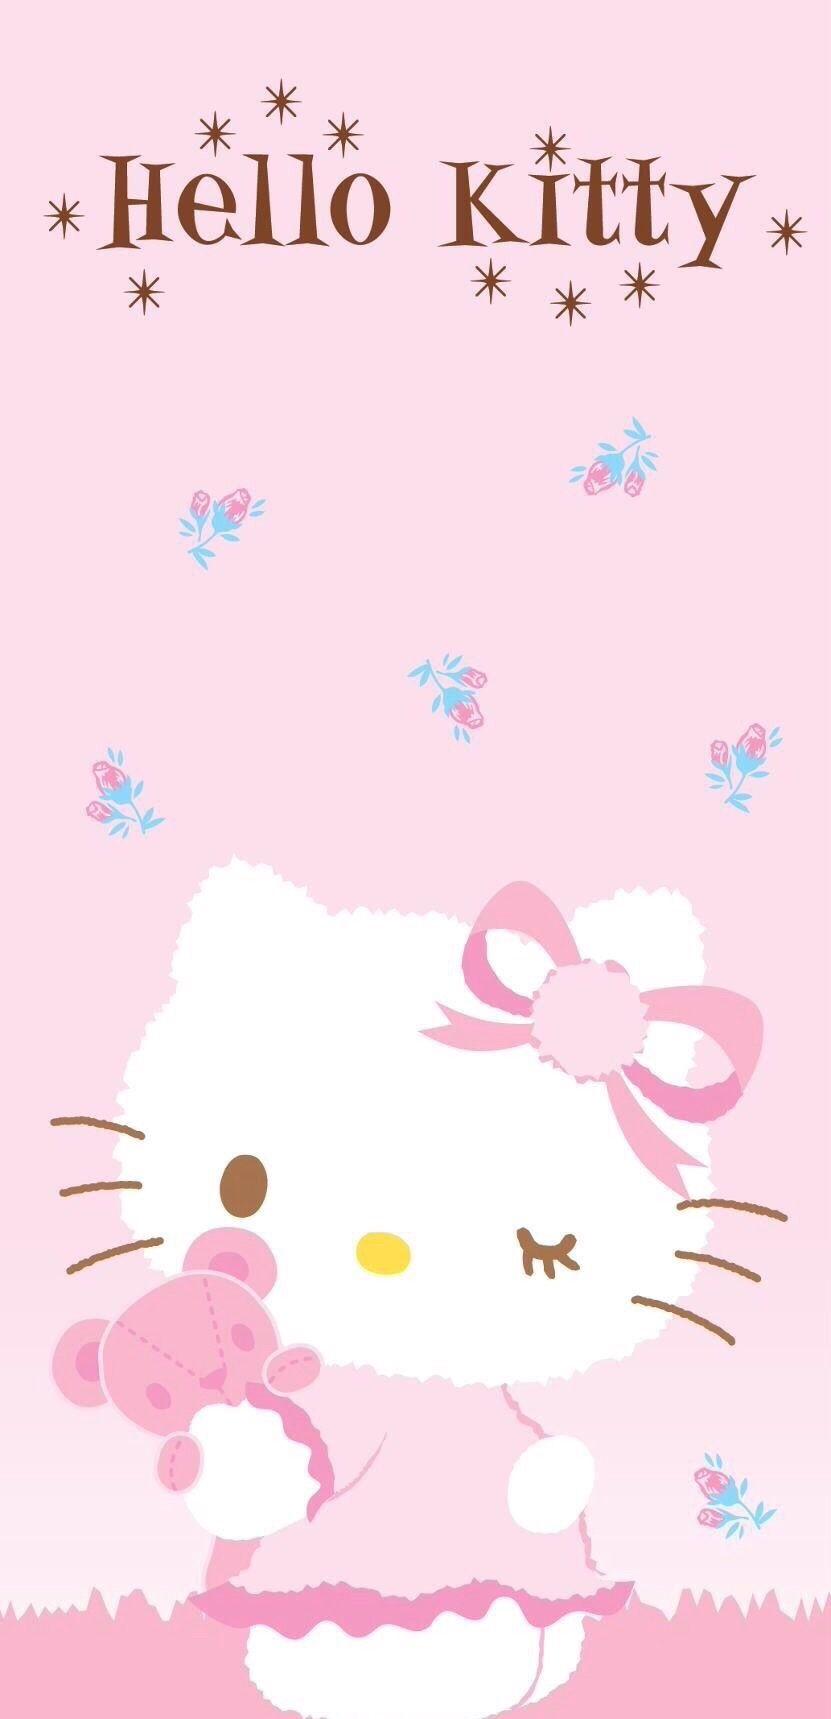 Simple Wallpaper Hello Kitty Bear - ea4457fe1e3827eed3016961e1b76222  Image_765927.jpg